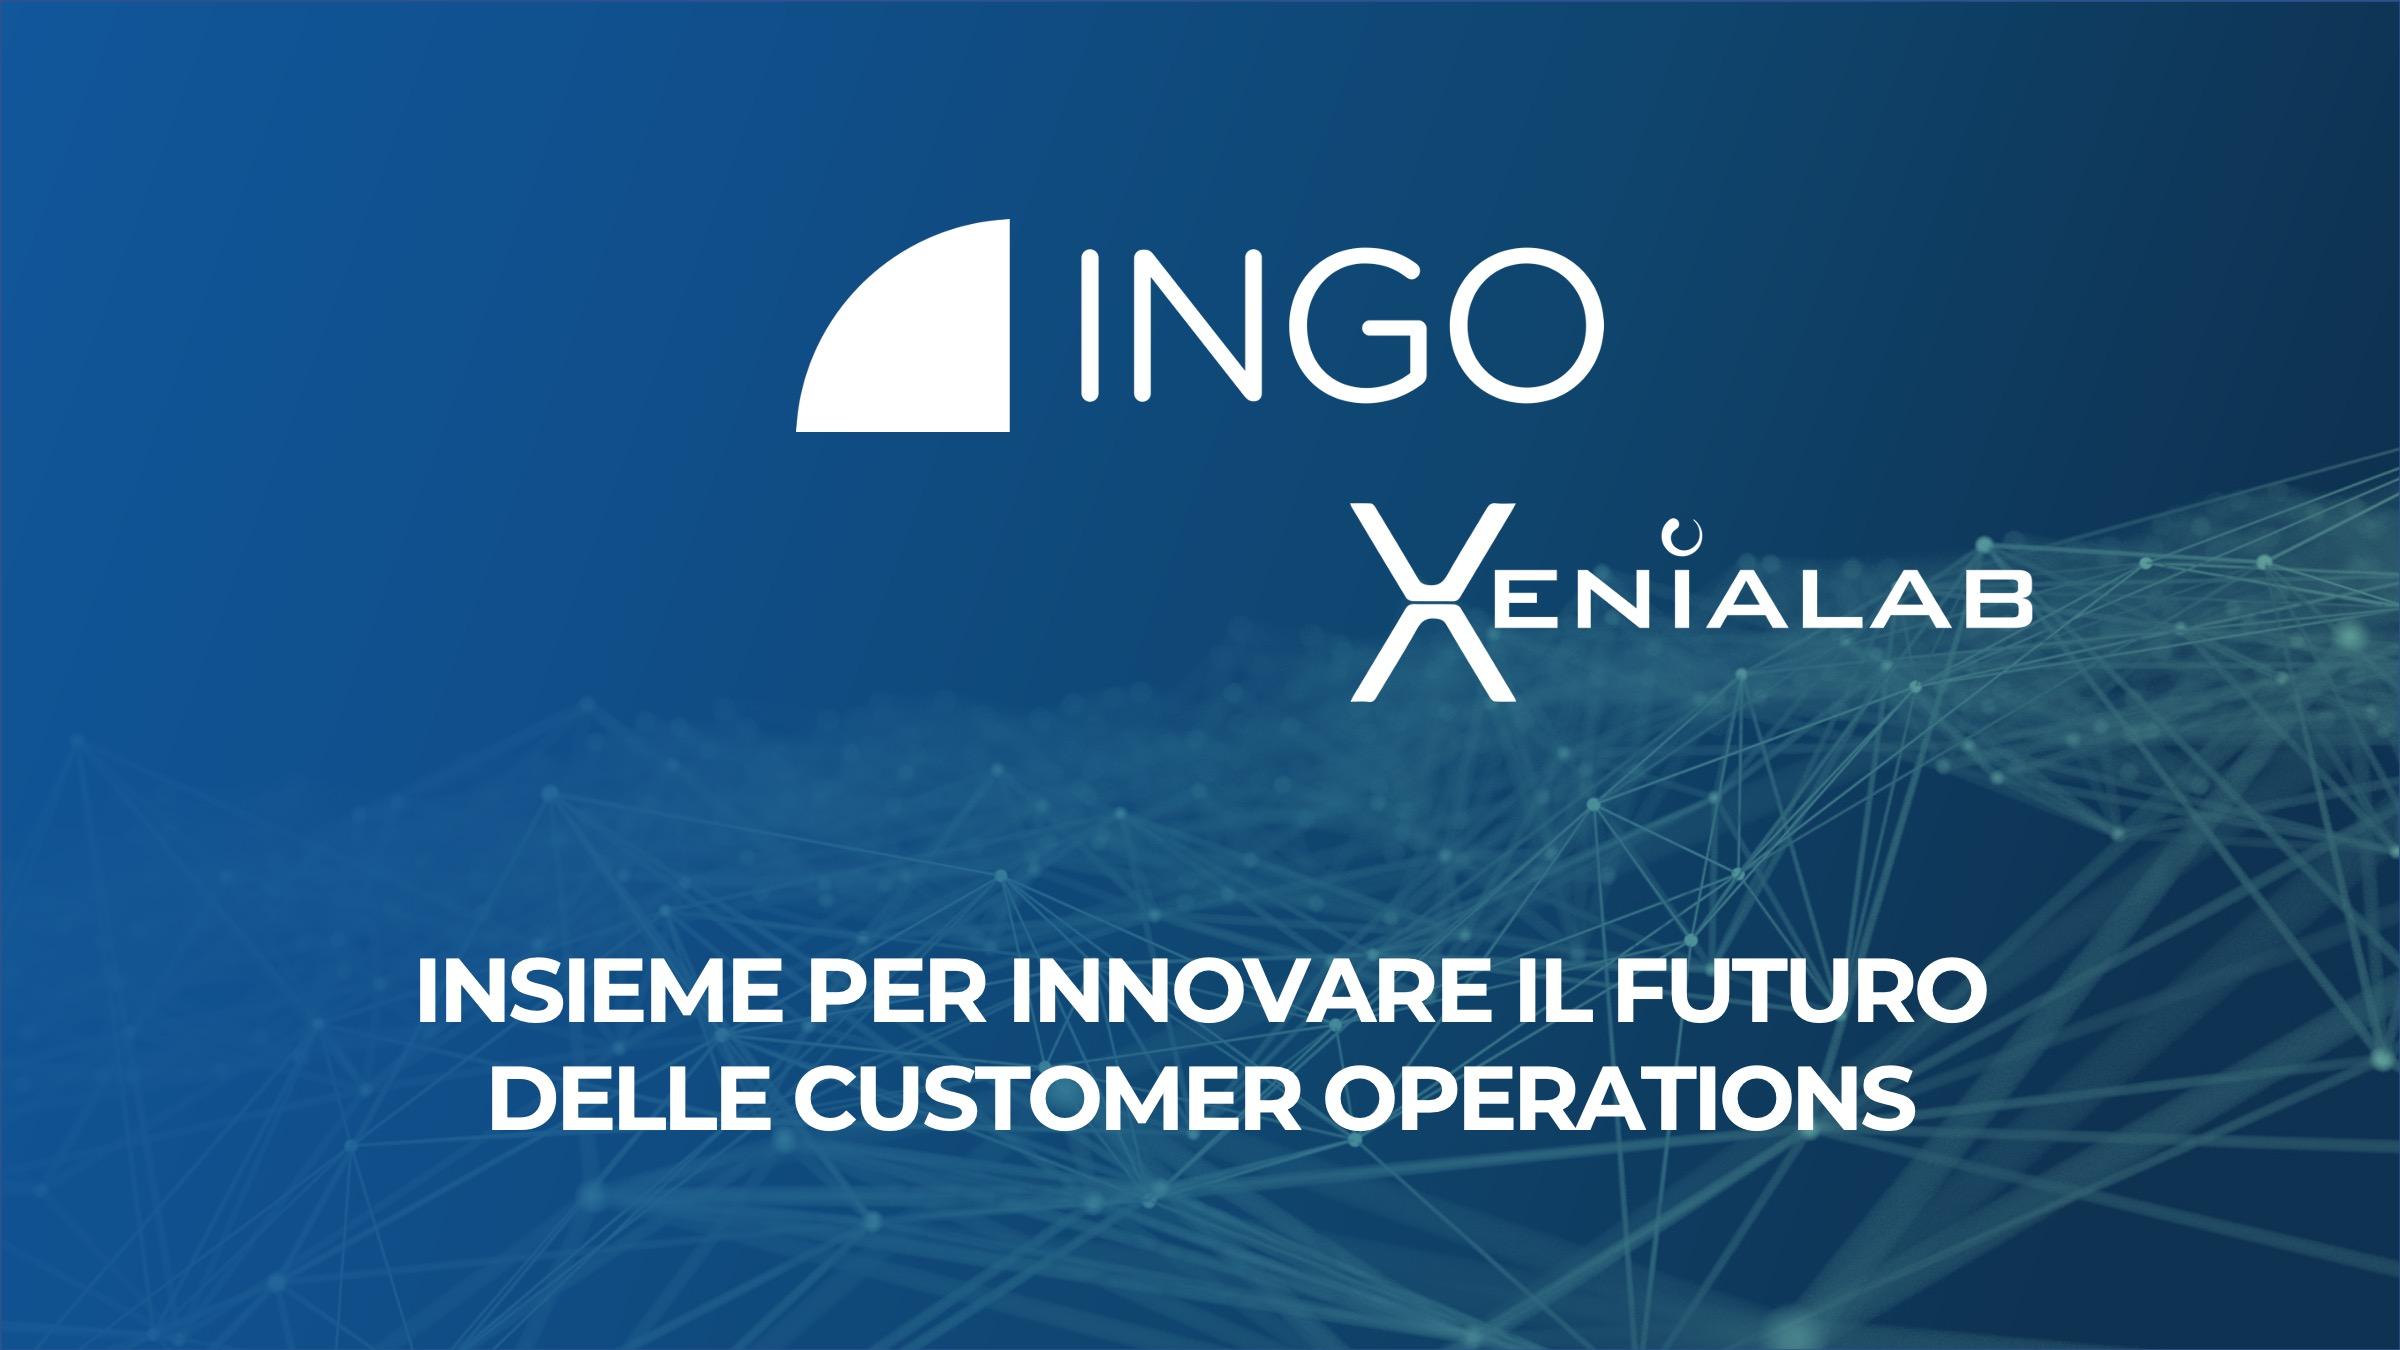 INGO e Xenialab: un'integrazione per innovare il futuro delle customer operations